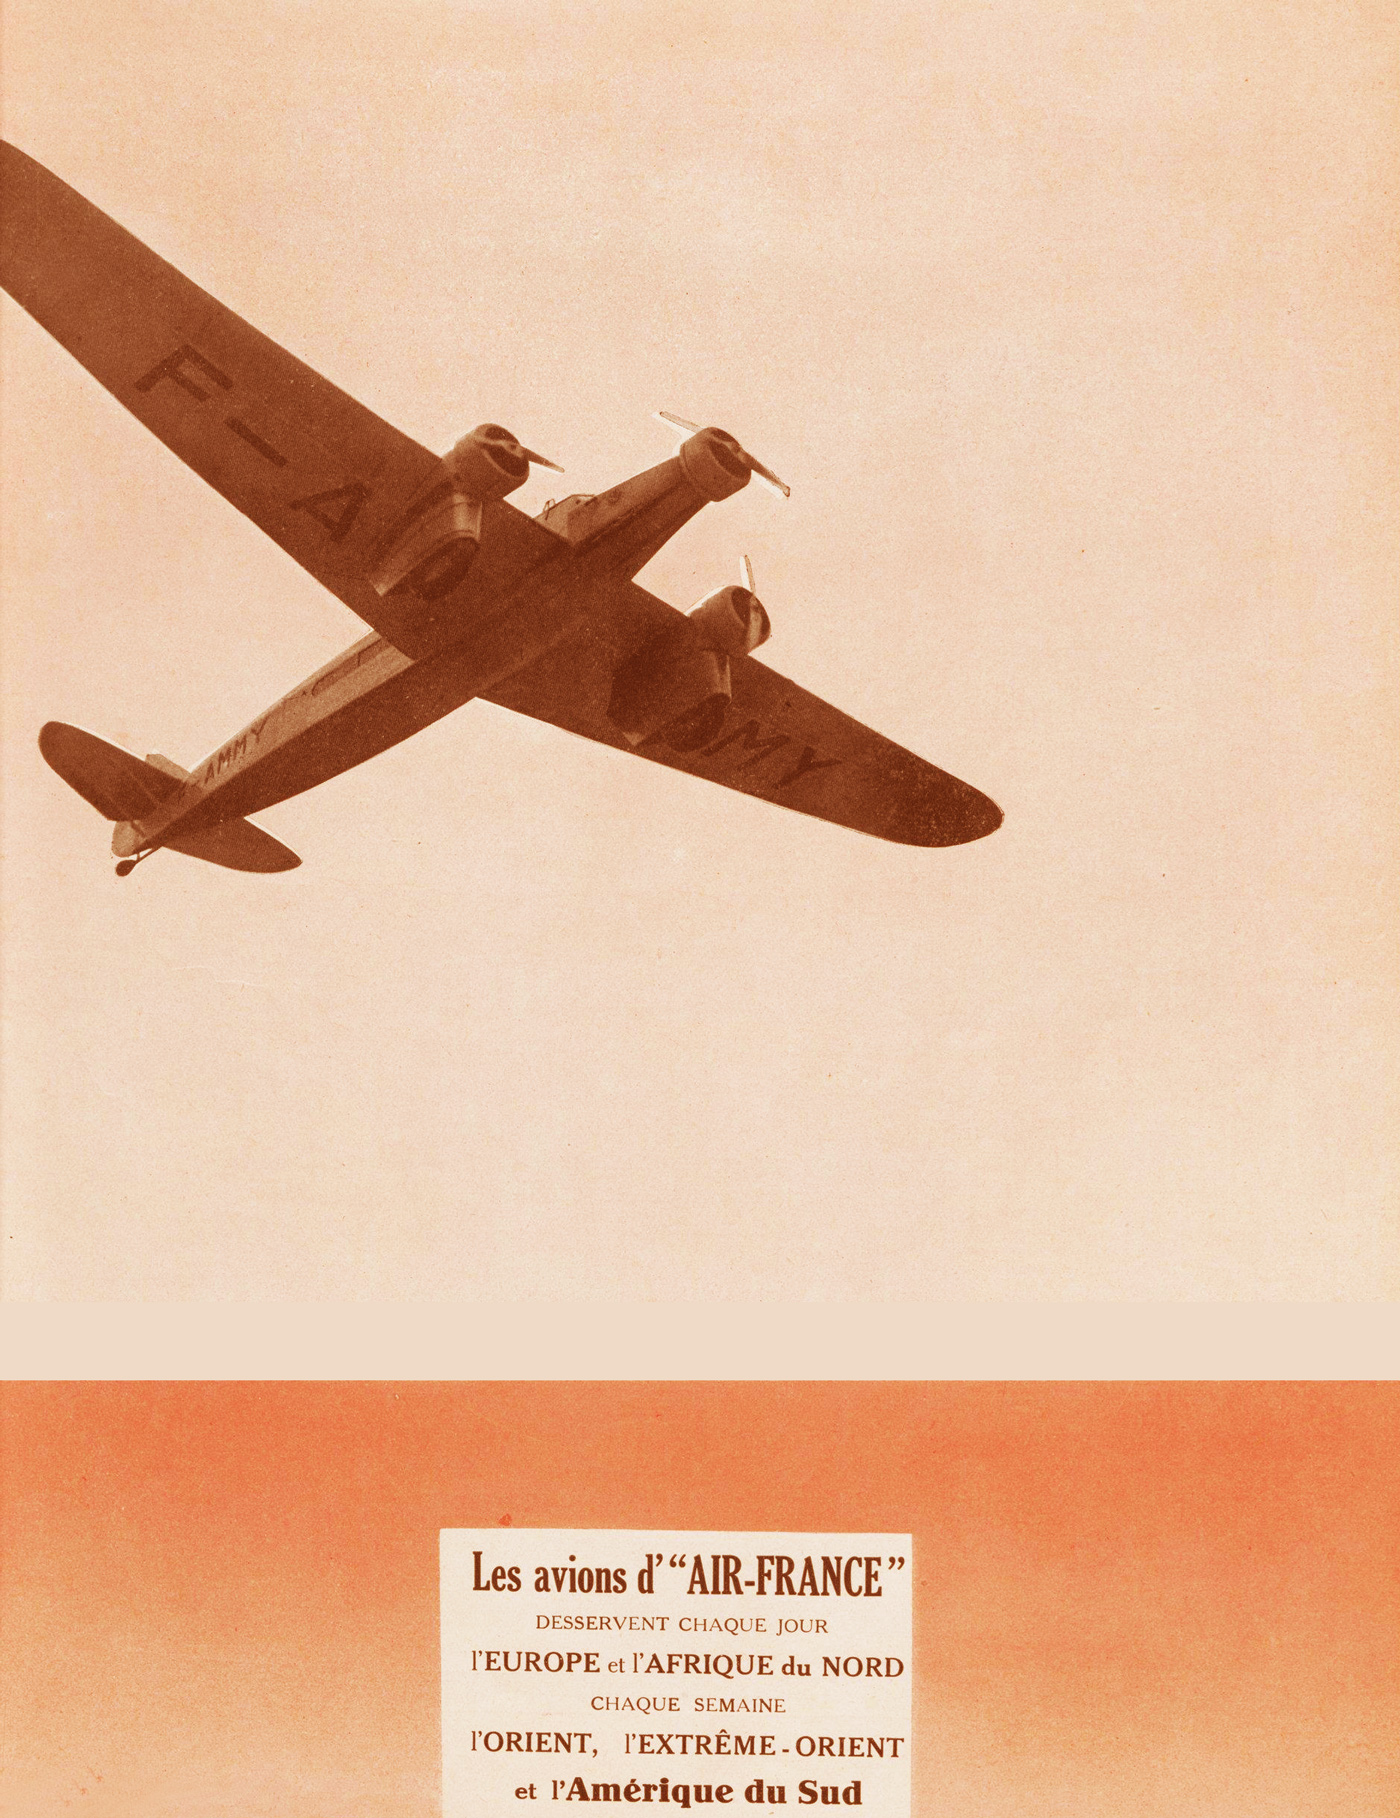 1934-enero-laeronautique